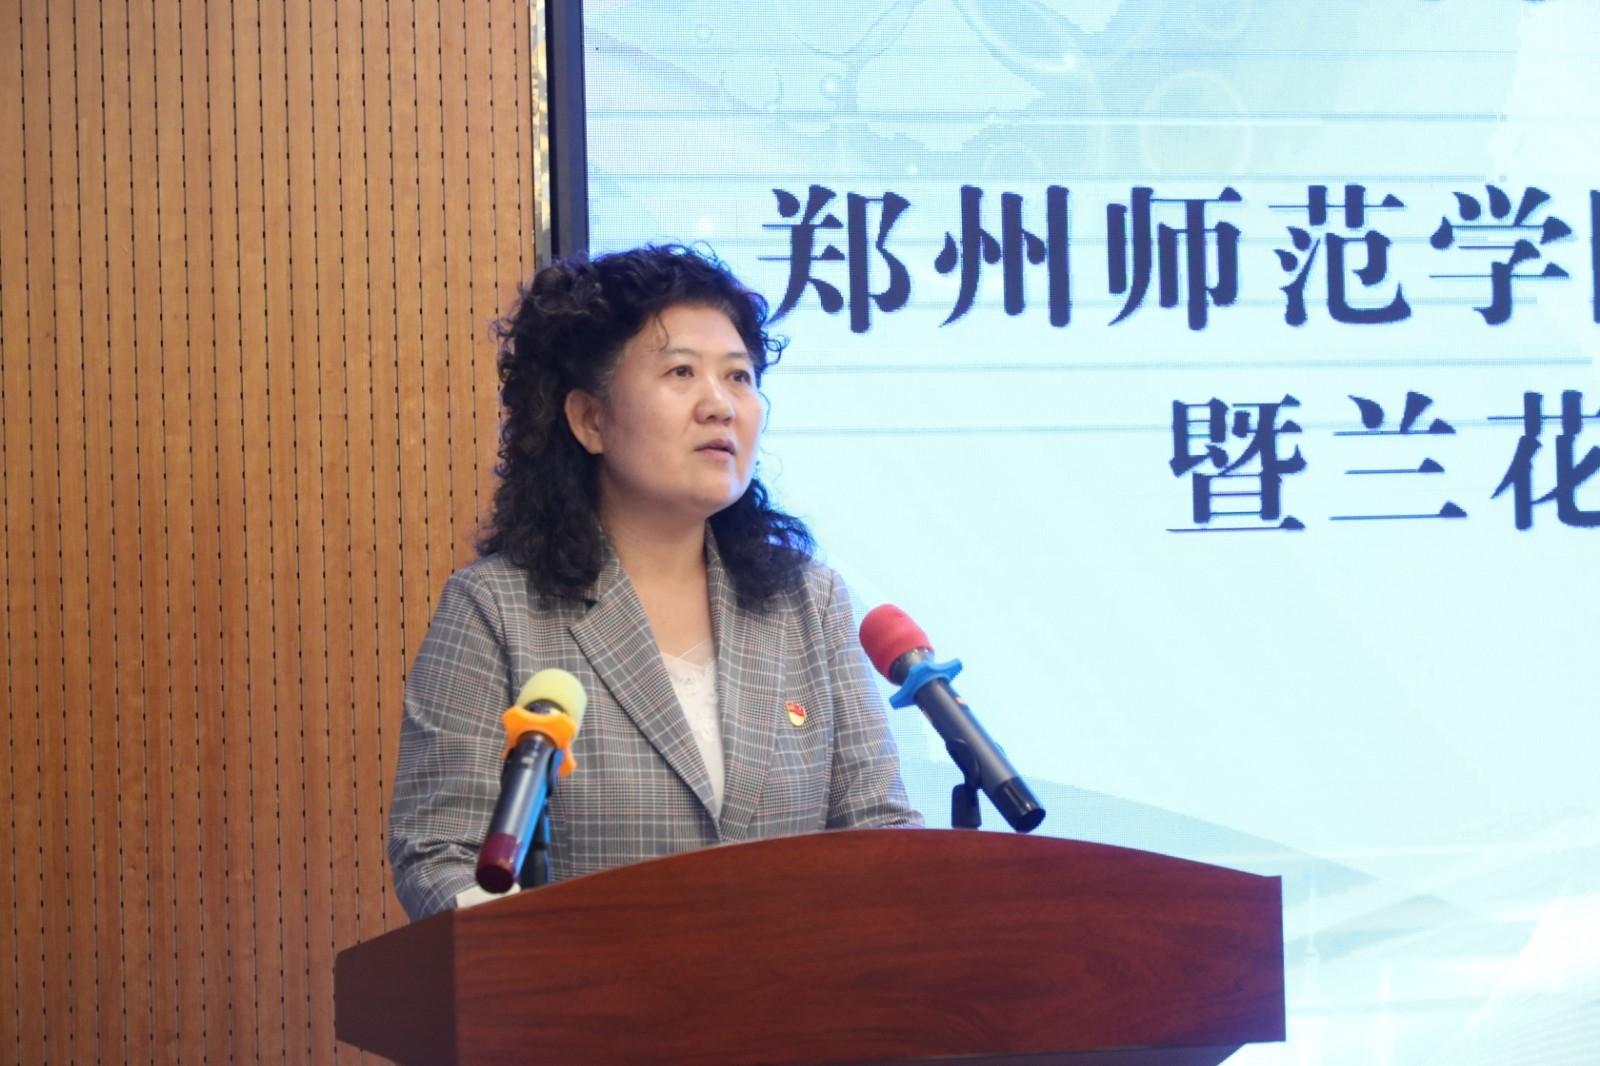 4.wanbo官网(中国)有限公司副校长蒋丽珠教授致辞.JPG